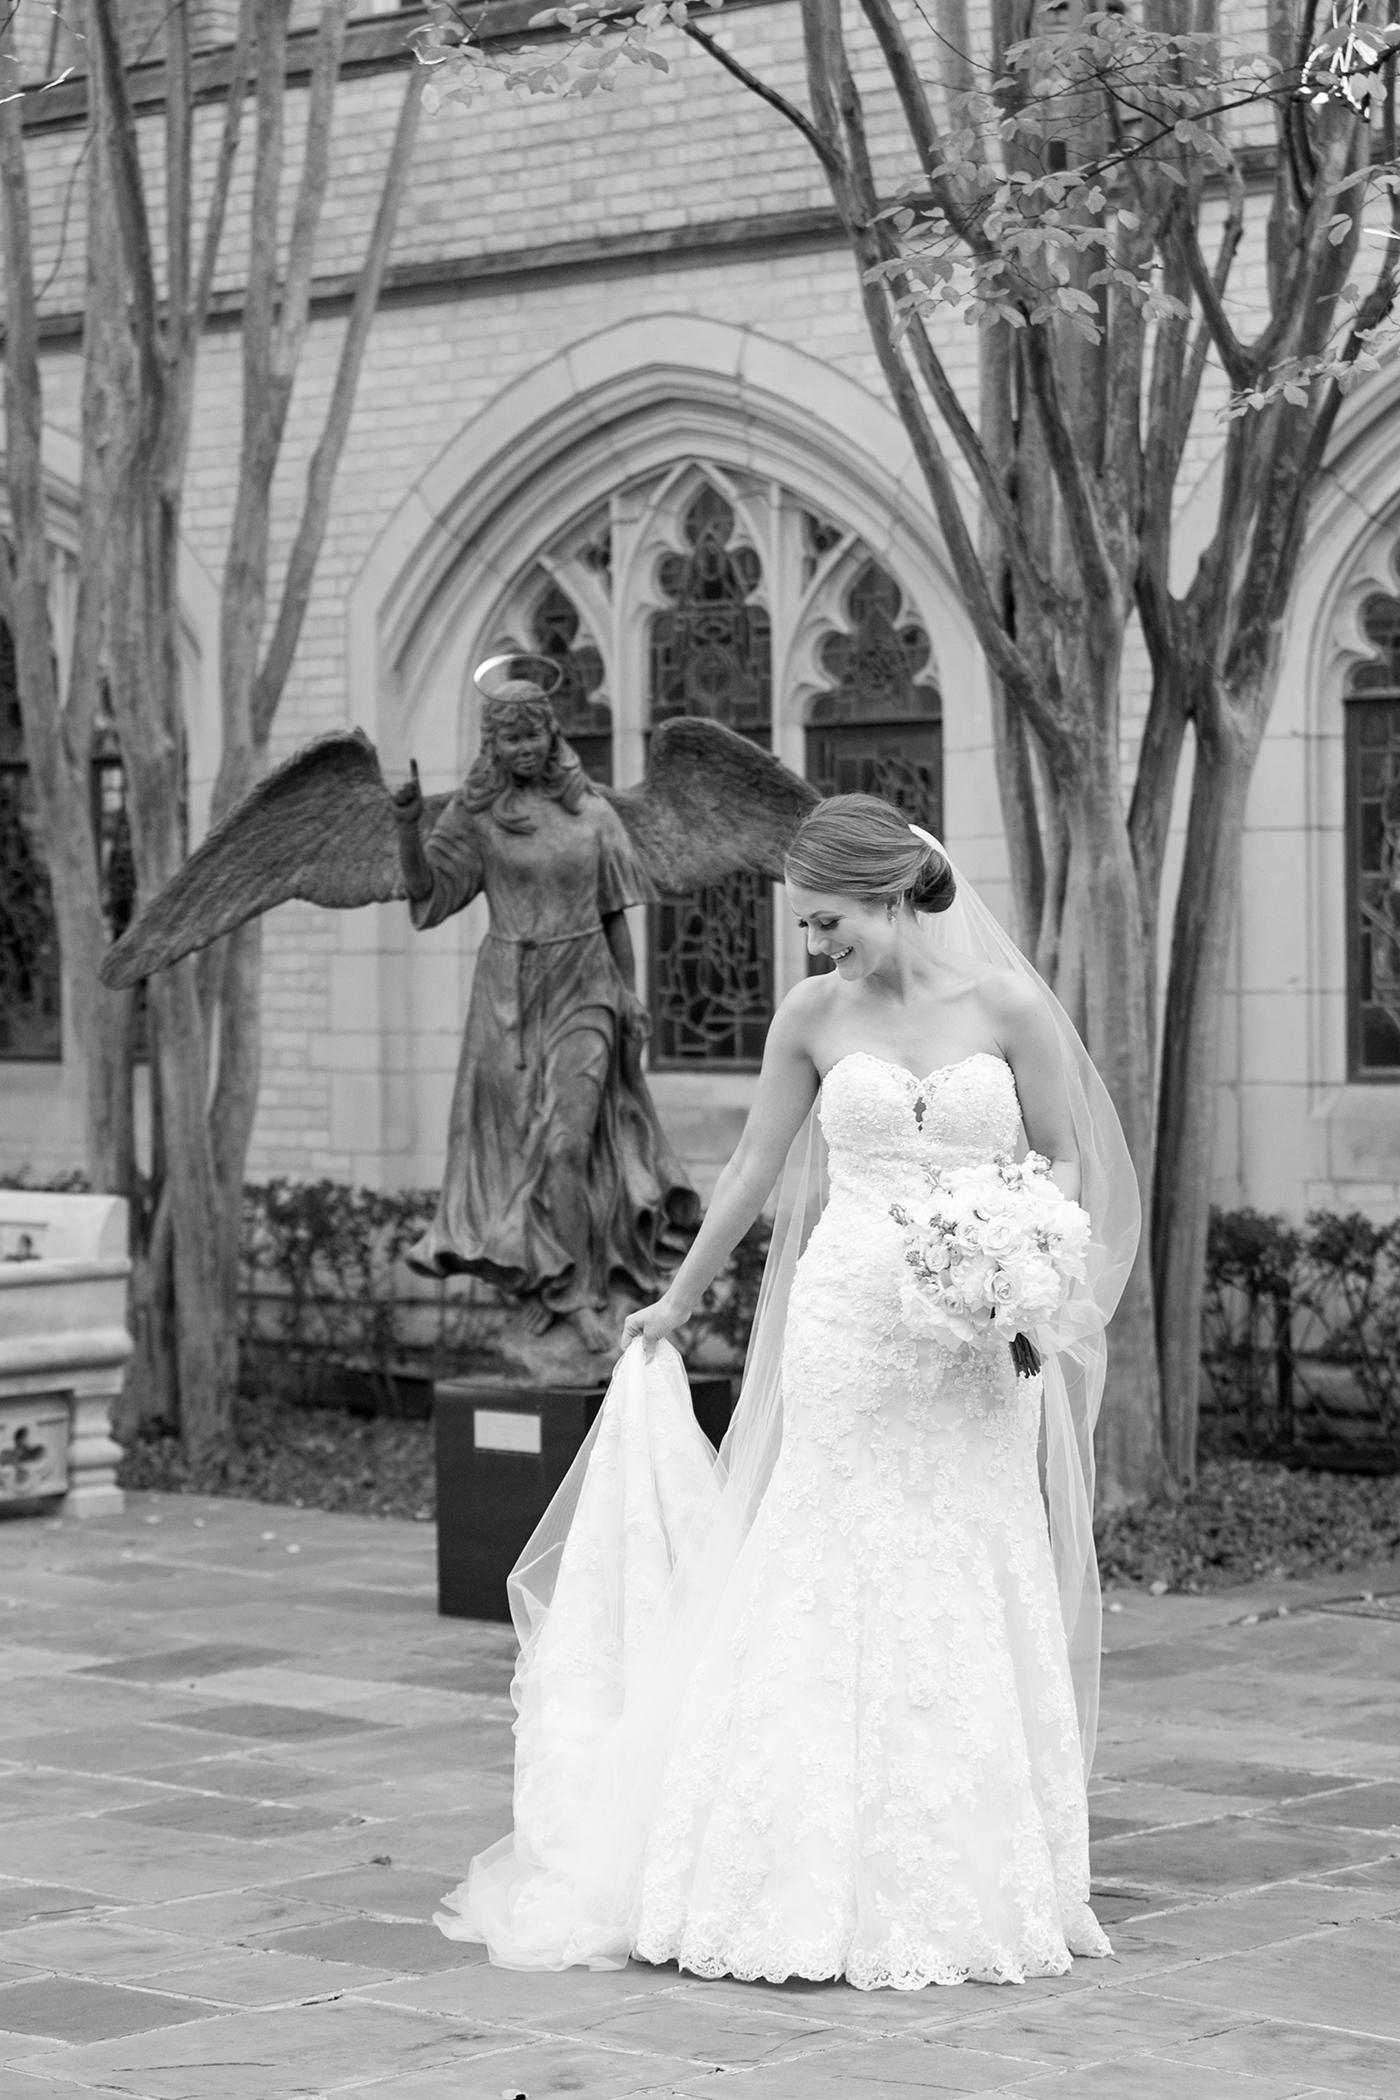 Dallas Wedding Planner - Allday Events - Classic Wedding at Dallas Scottish Rite - 236.jpg